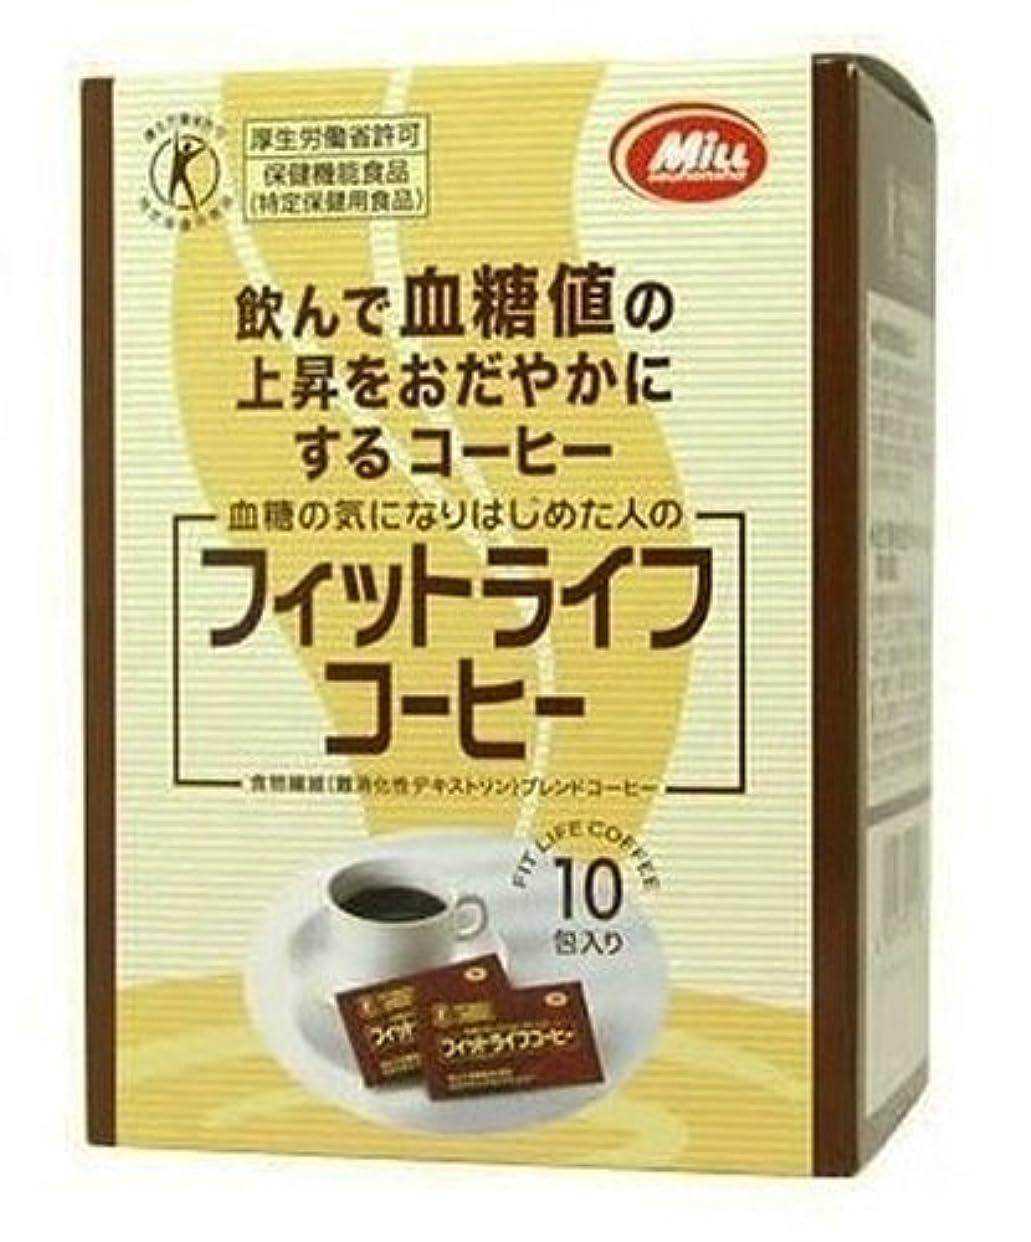 サーカス有効寄稿者フィットライフコーヒー 10包 (特定保健用食品)